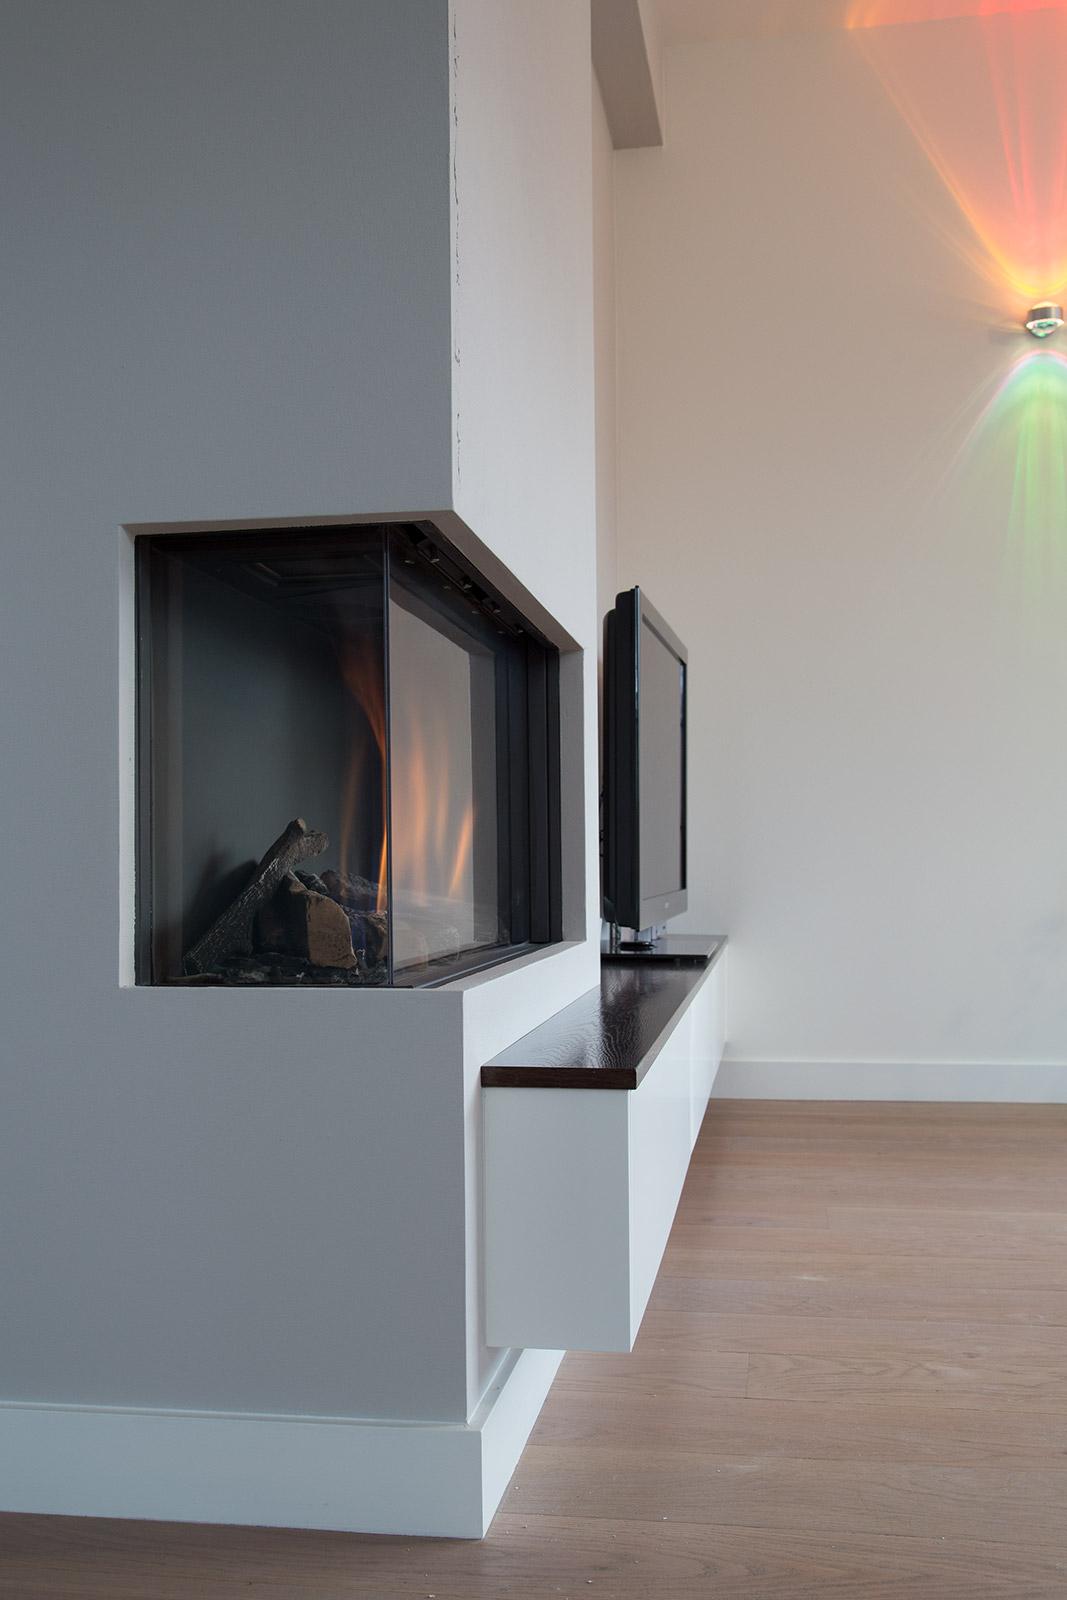 TVmeubel in muur verdiept  CVH Design  Maatinterieur